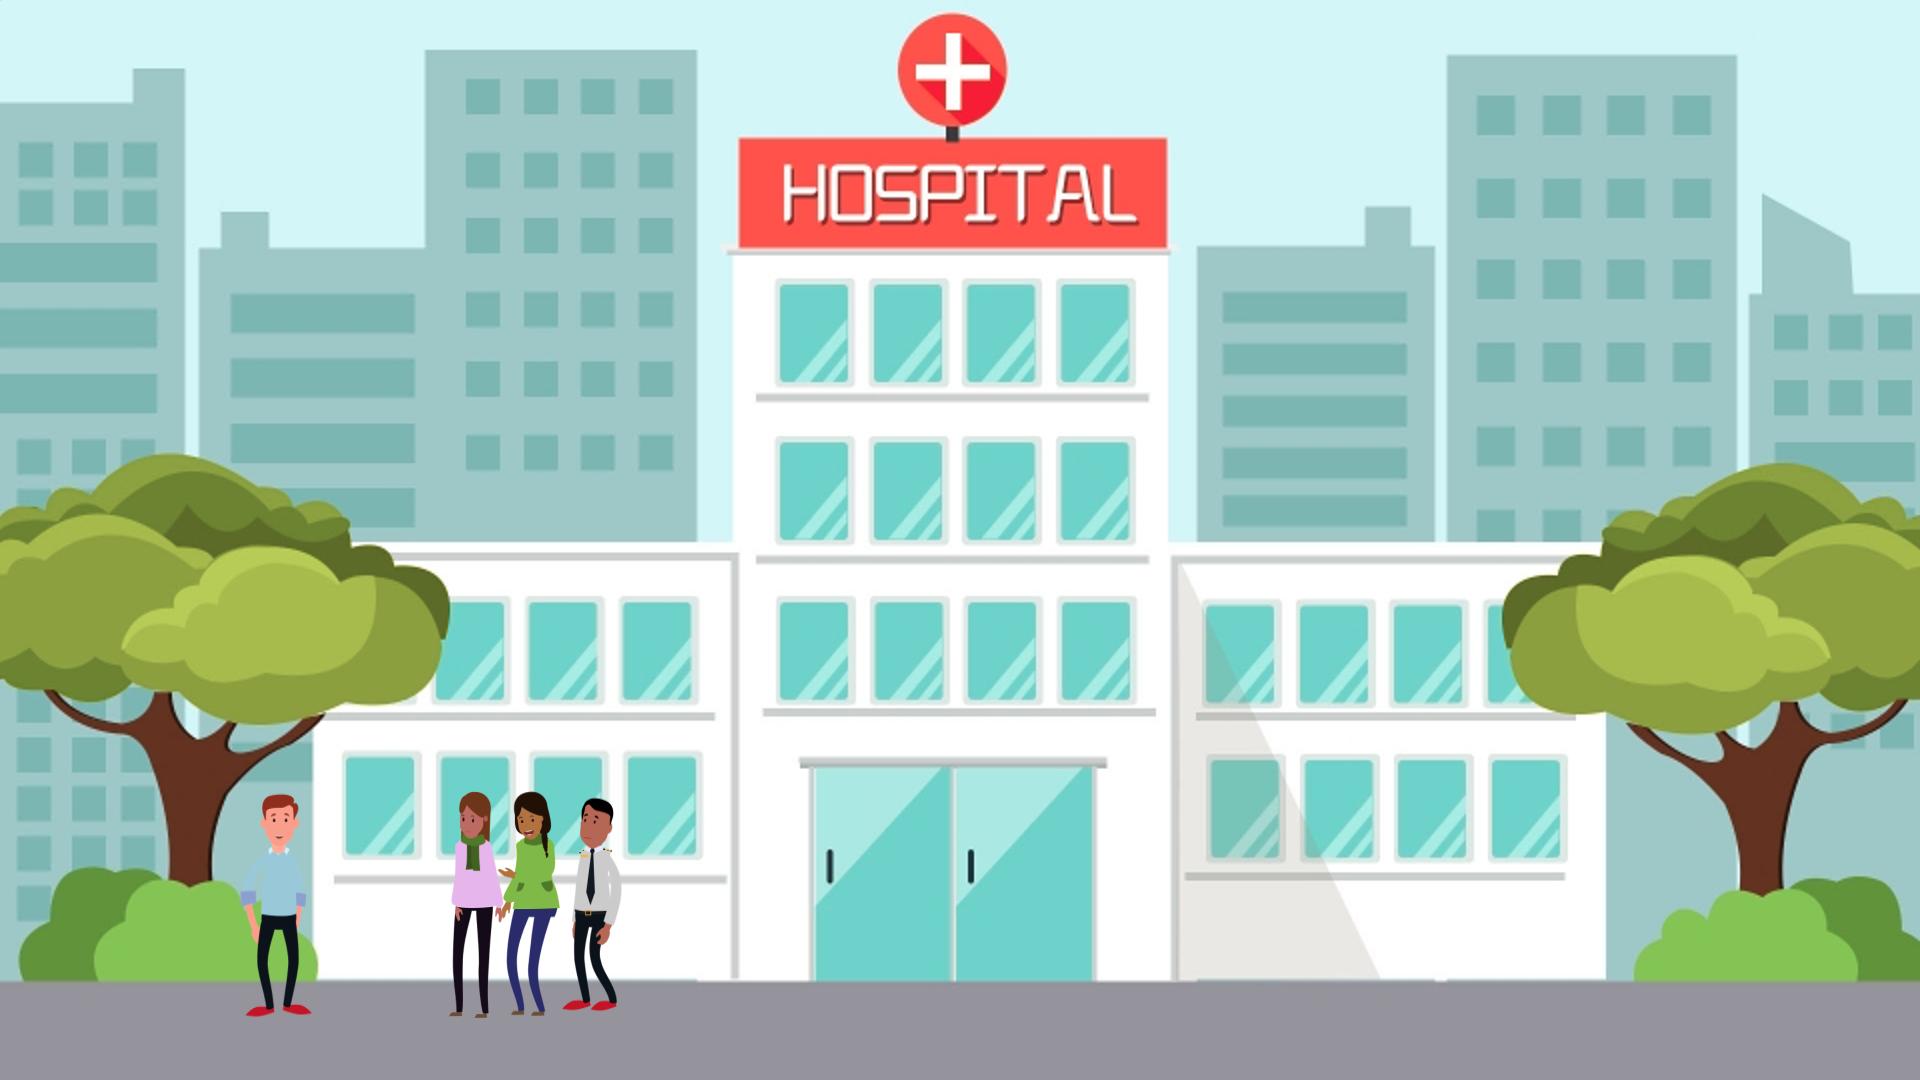 CS A Unit 5 illustration of a hospital